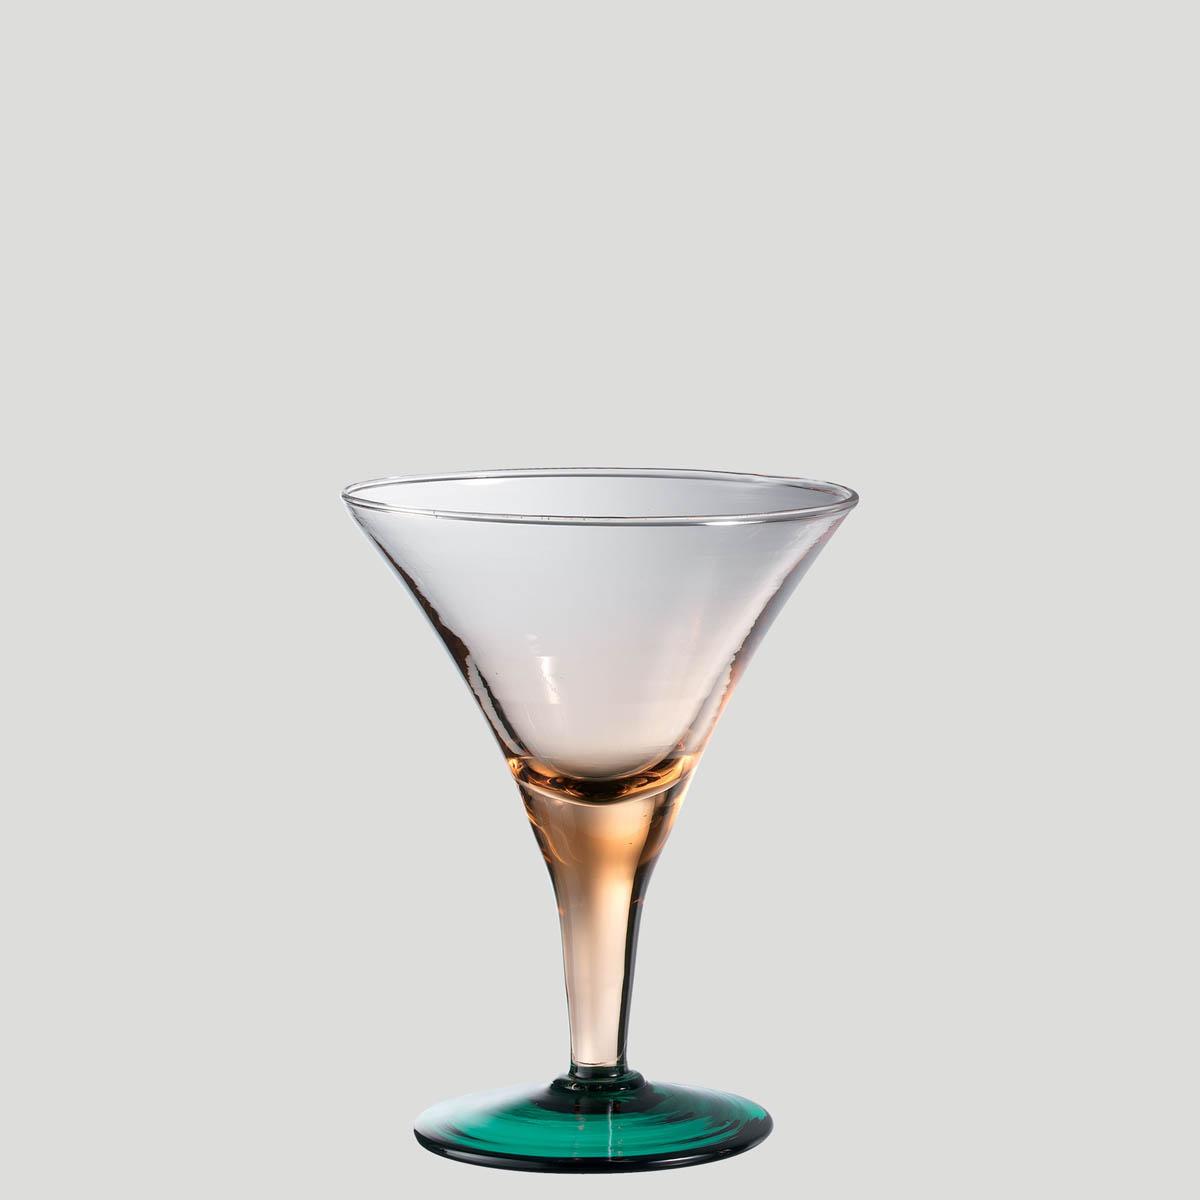 Leo grande - Coppa per gelato in vetro - Gardagel